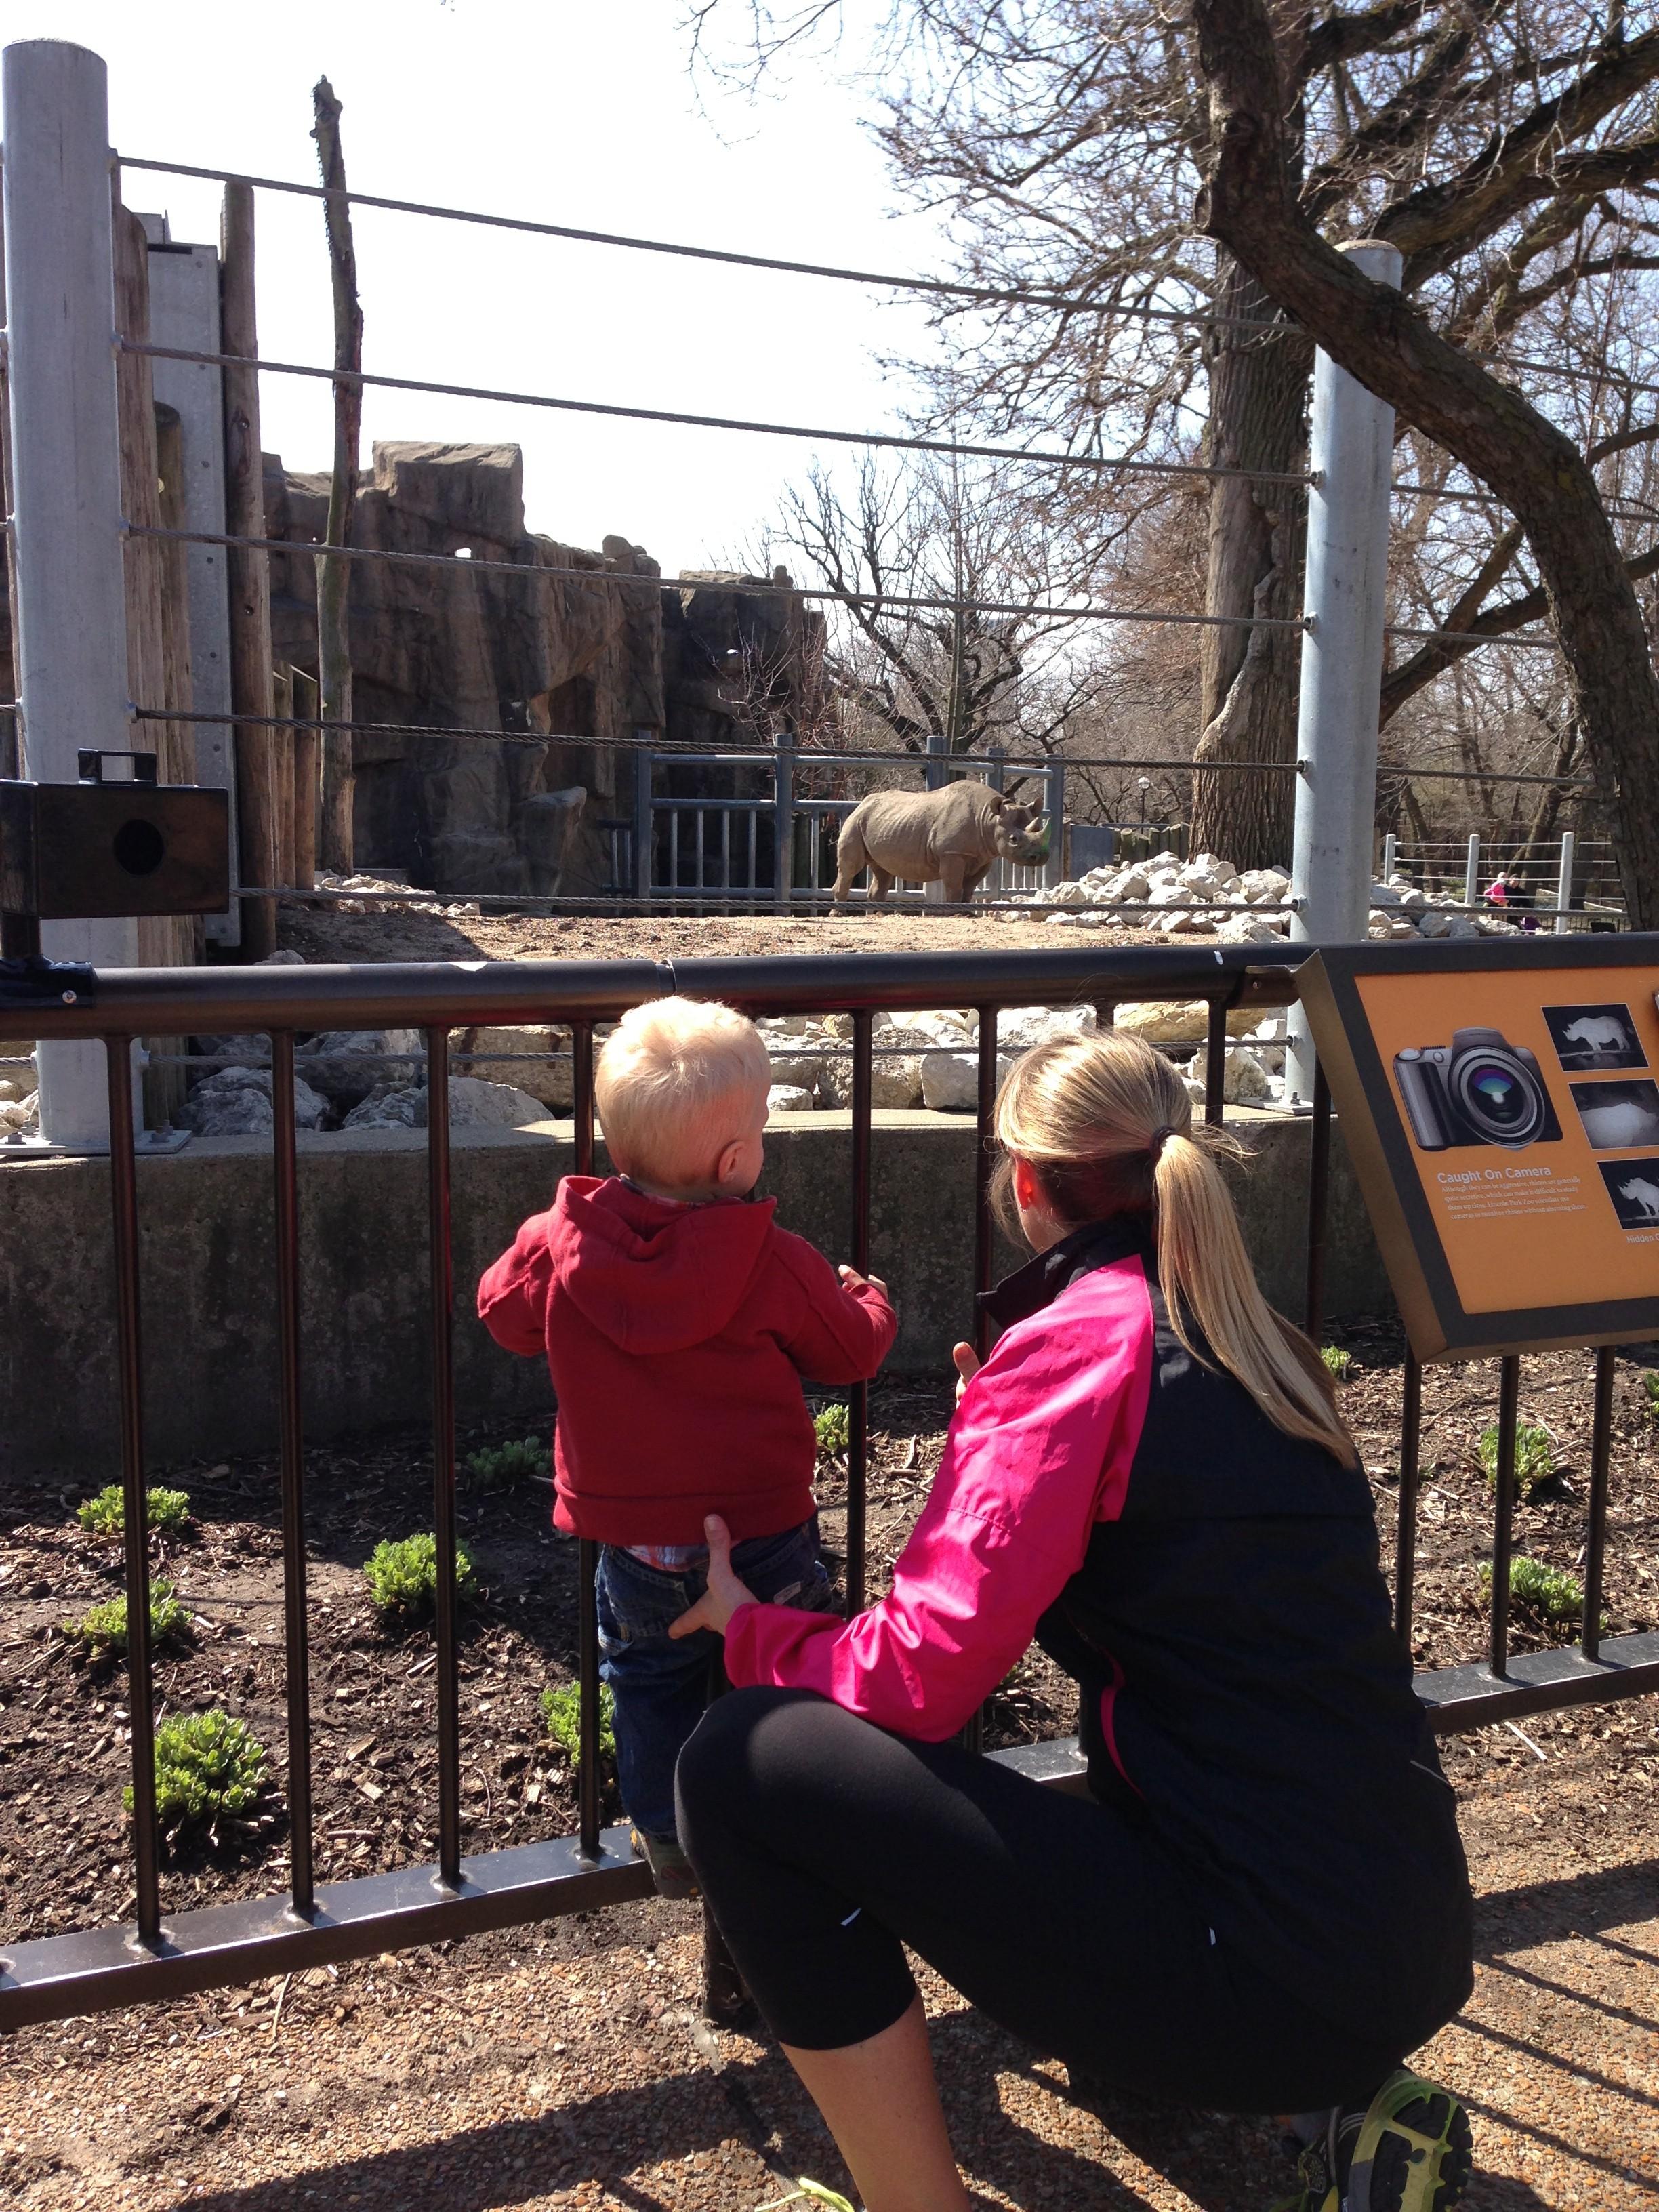 Lincoln Park Zoo run